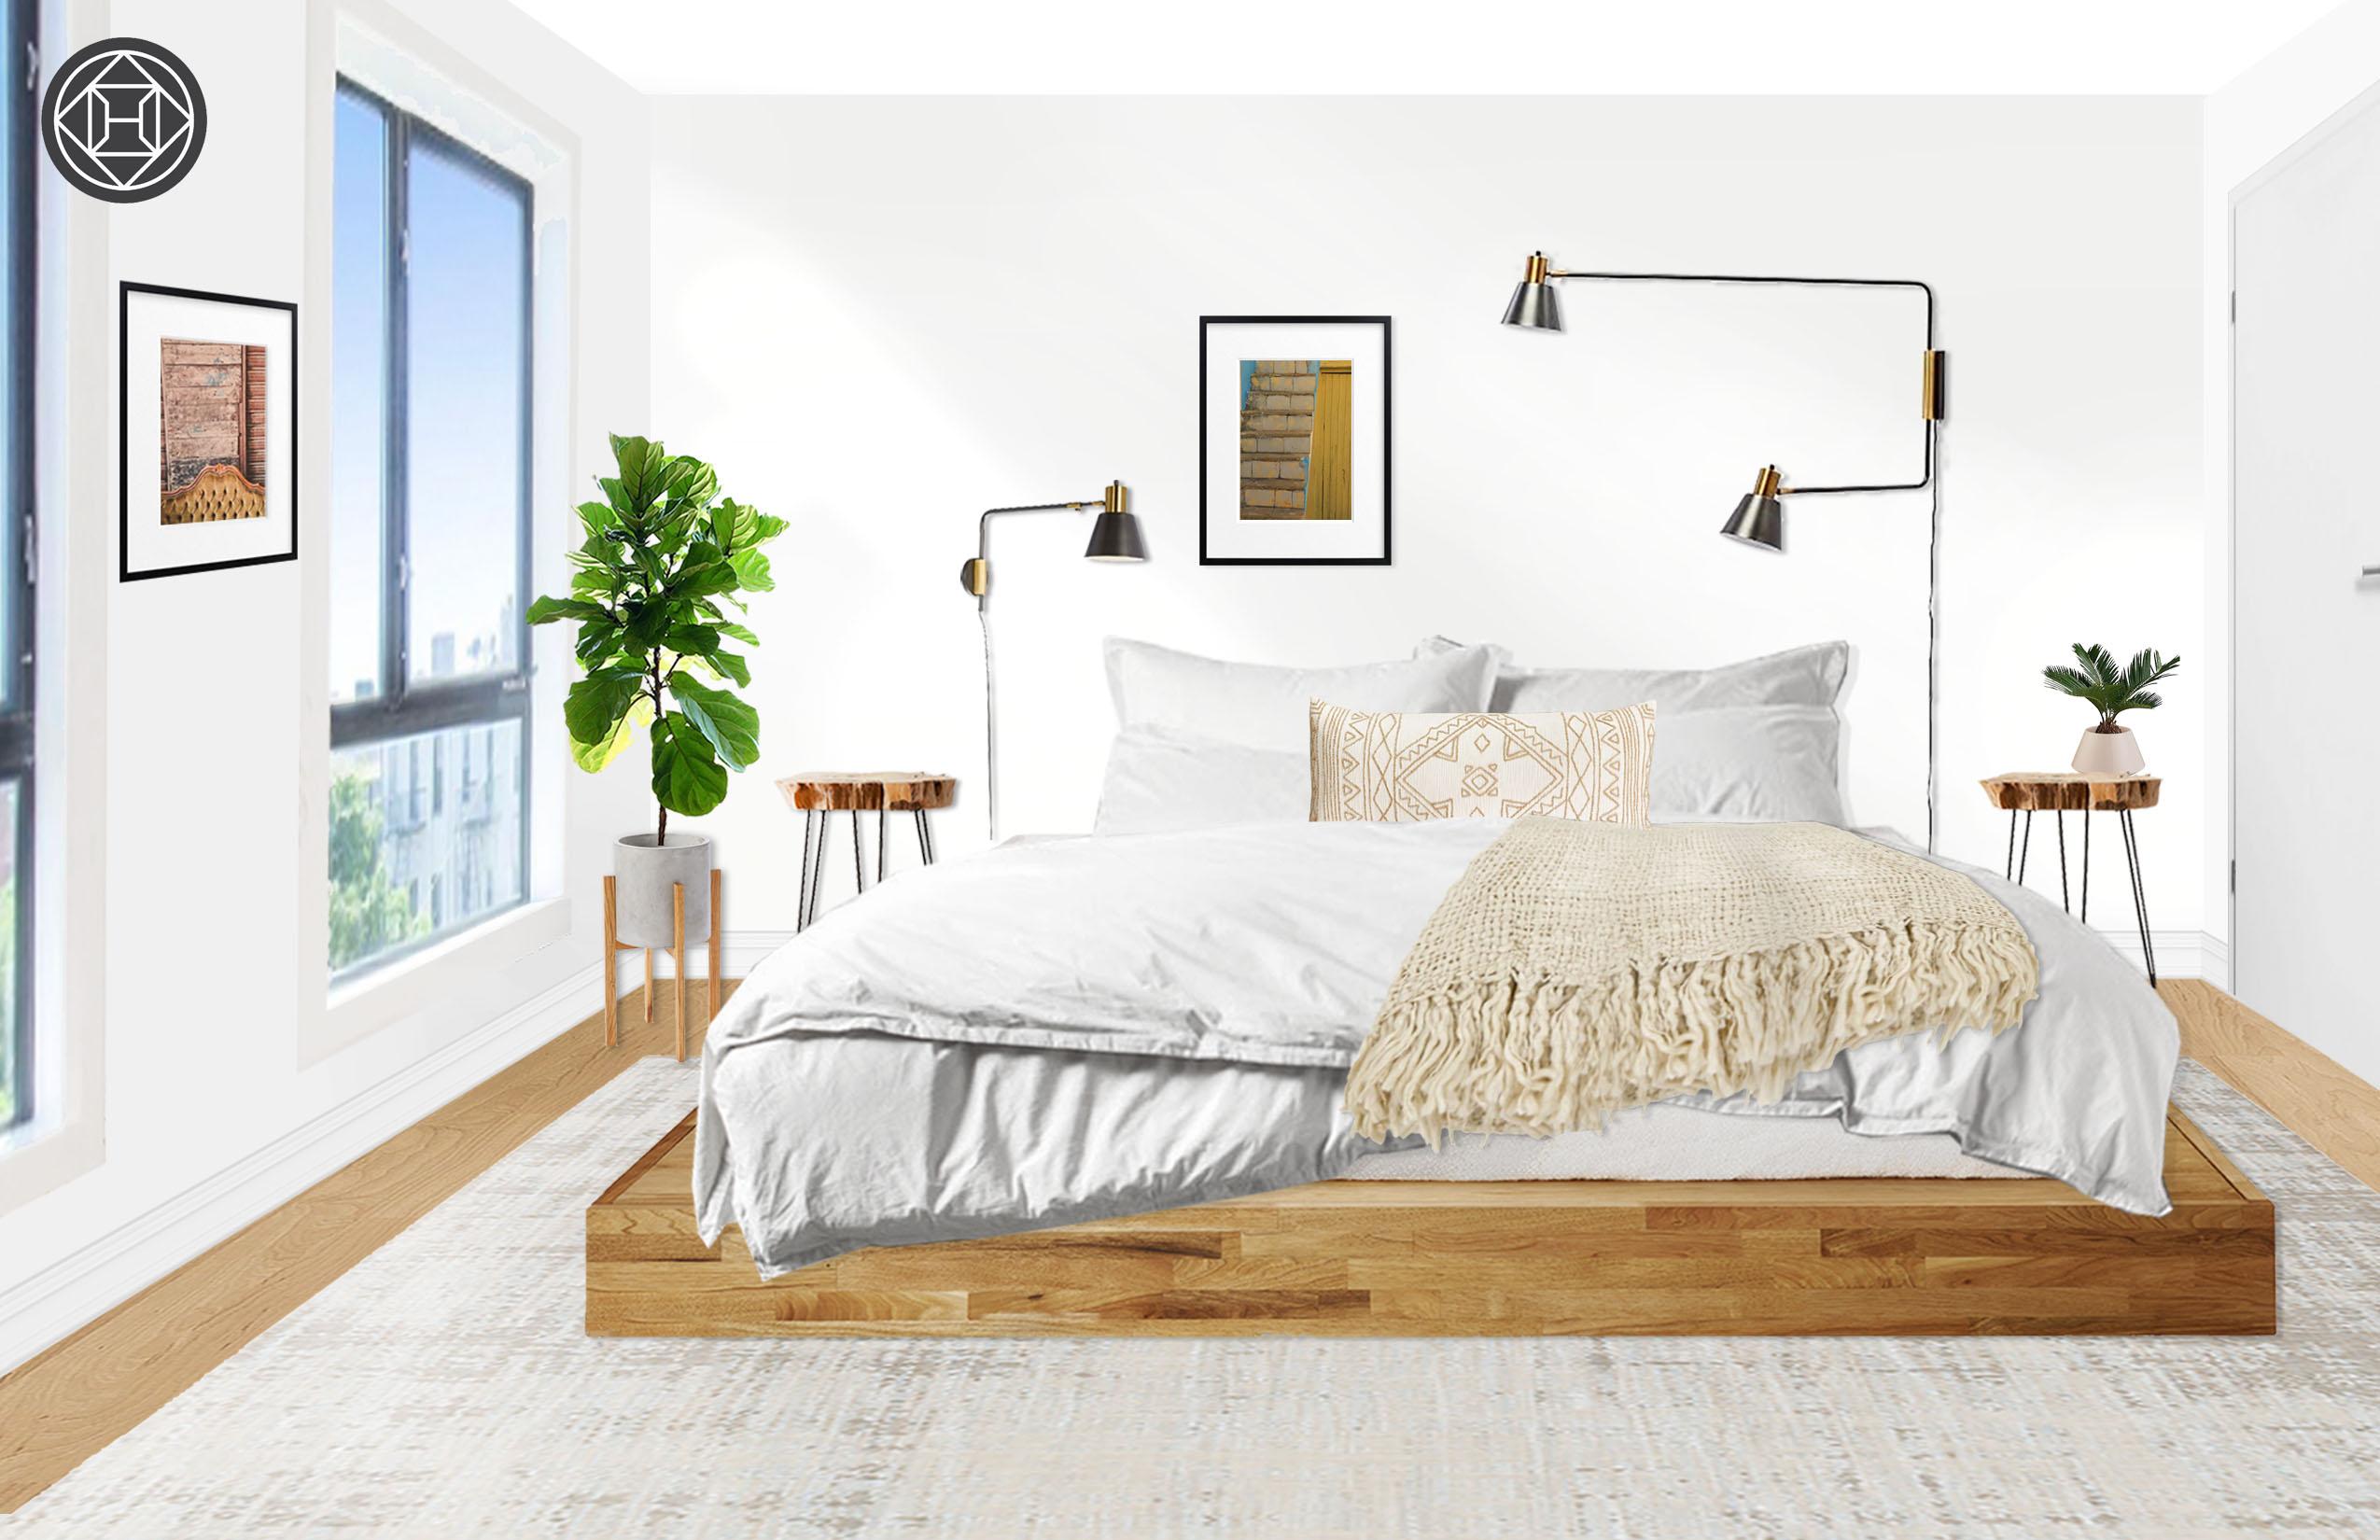 Lax Series Platform Bed eclectic, bohemian, minimal, scandinavian bedroom design